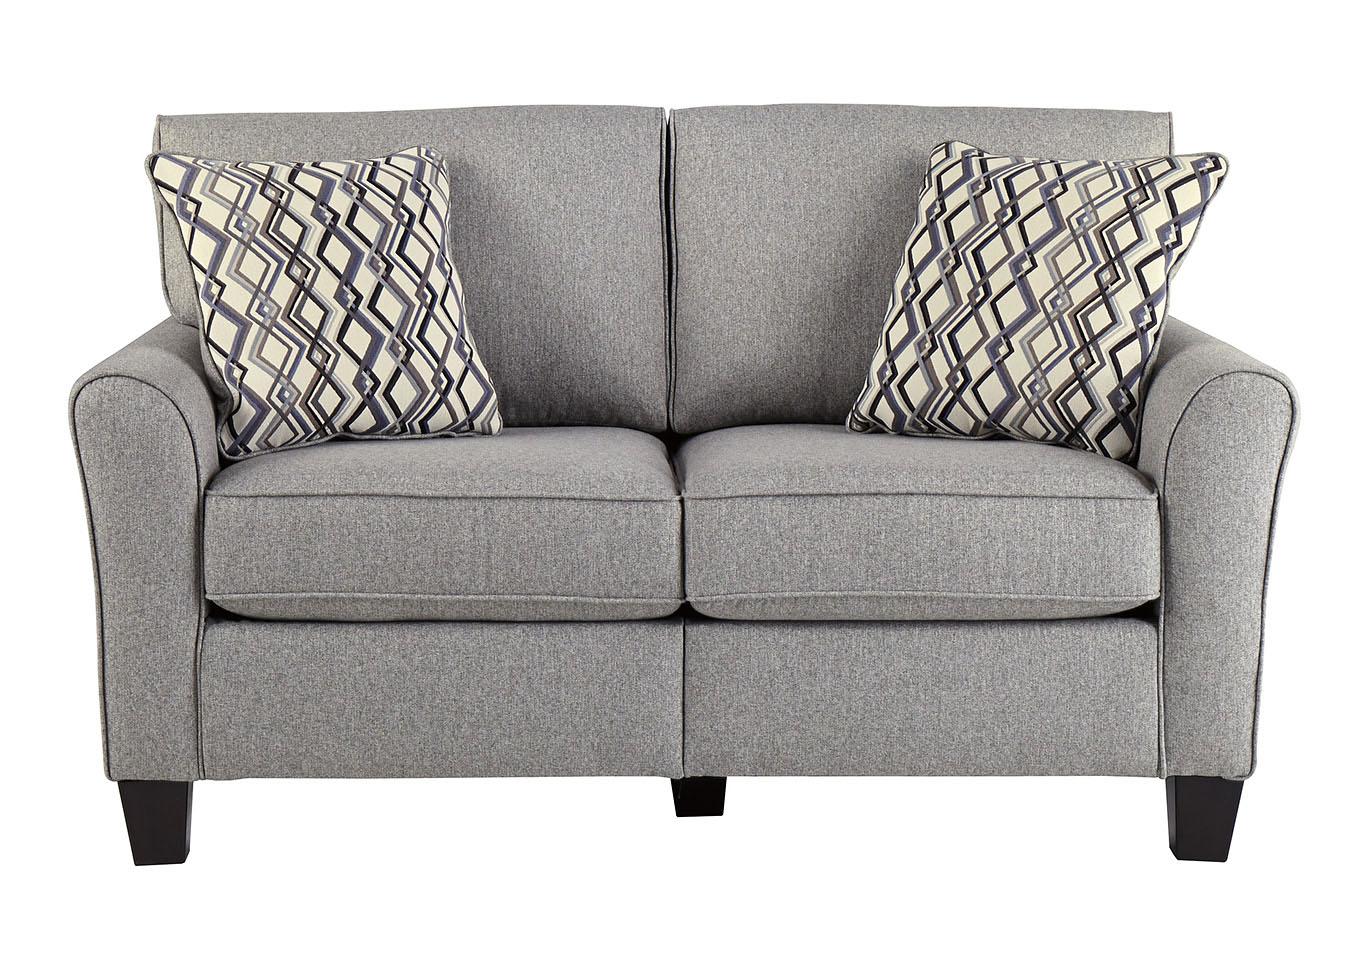 Mikes Furniture.com